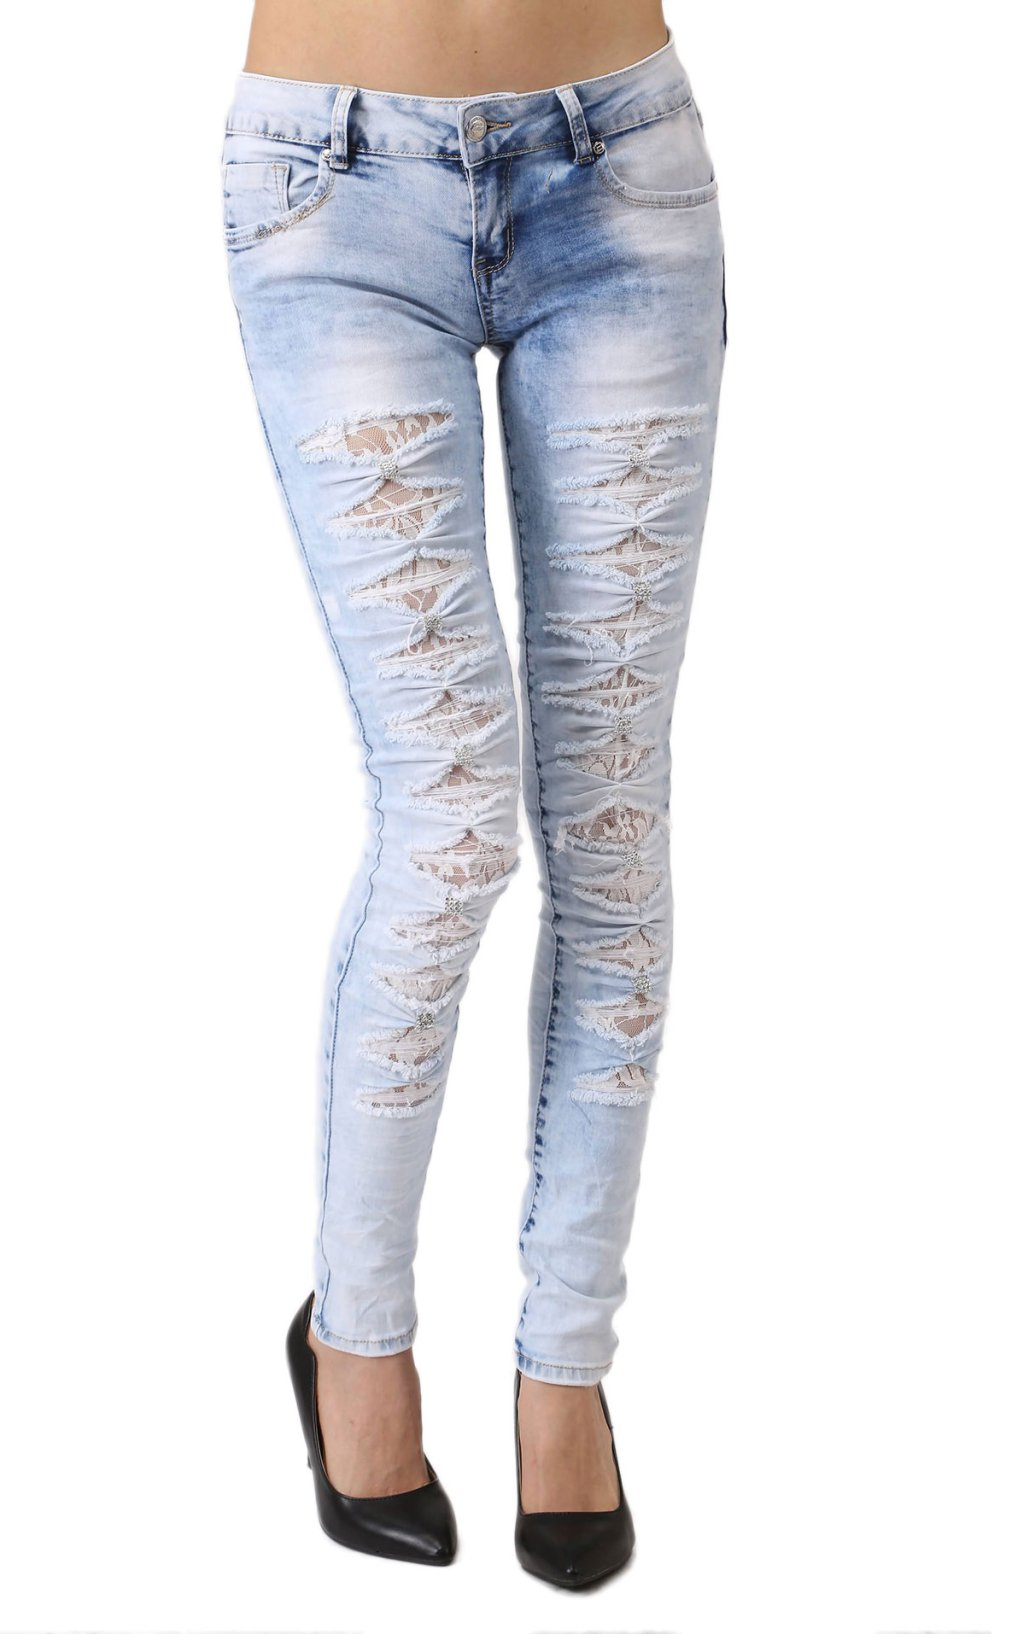 Jean-femme.xyz, la bonne adresse pour les jeans femmes